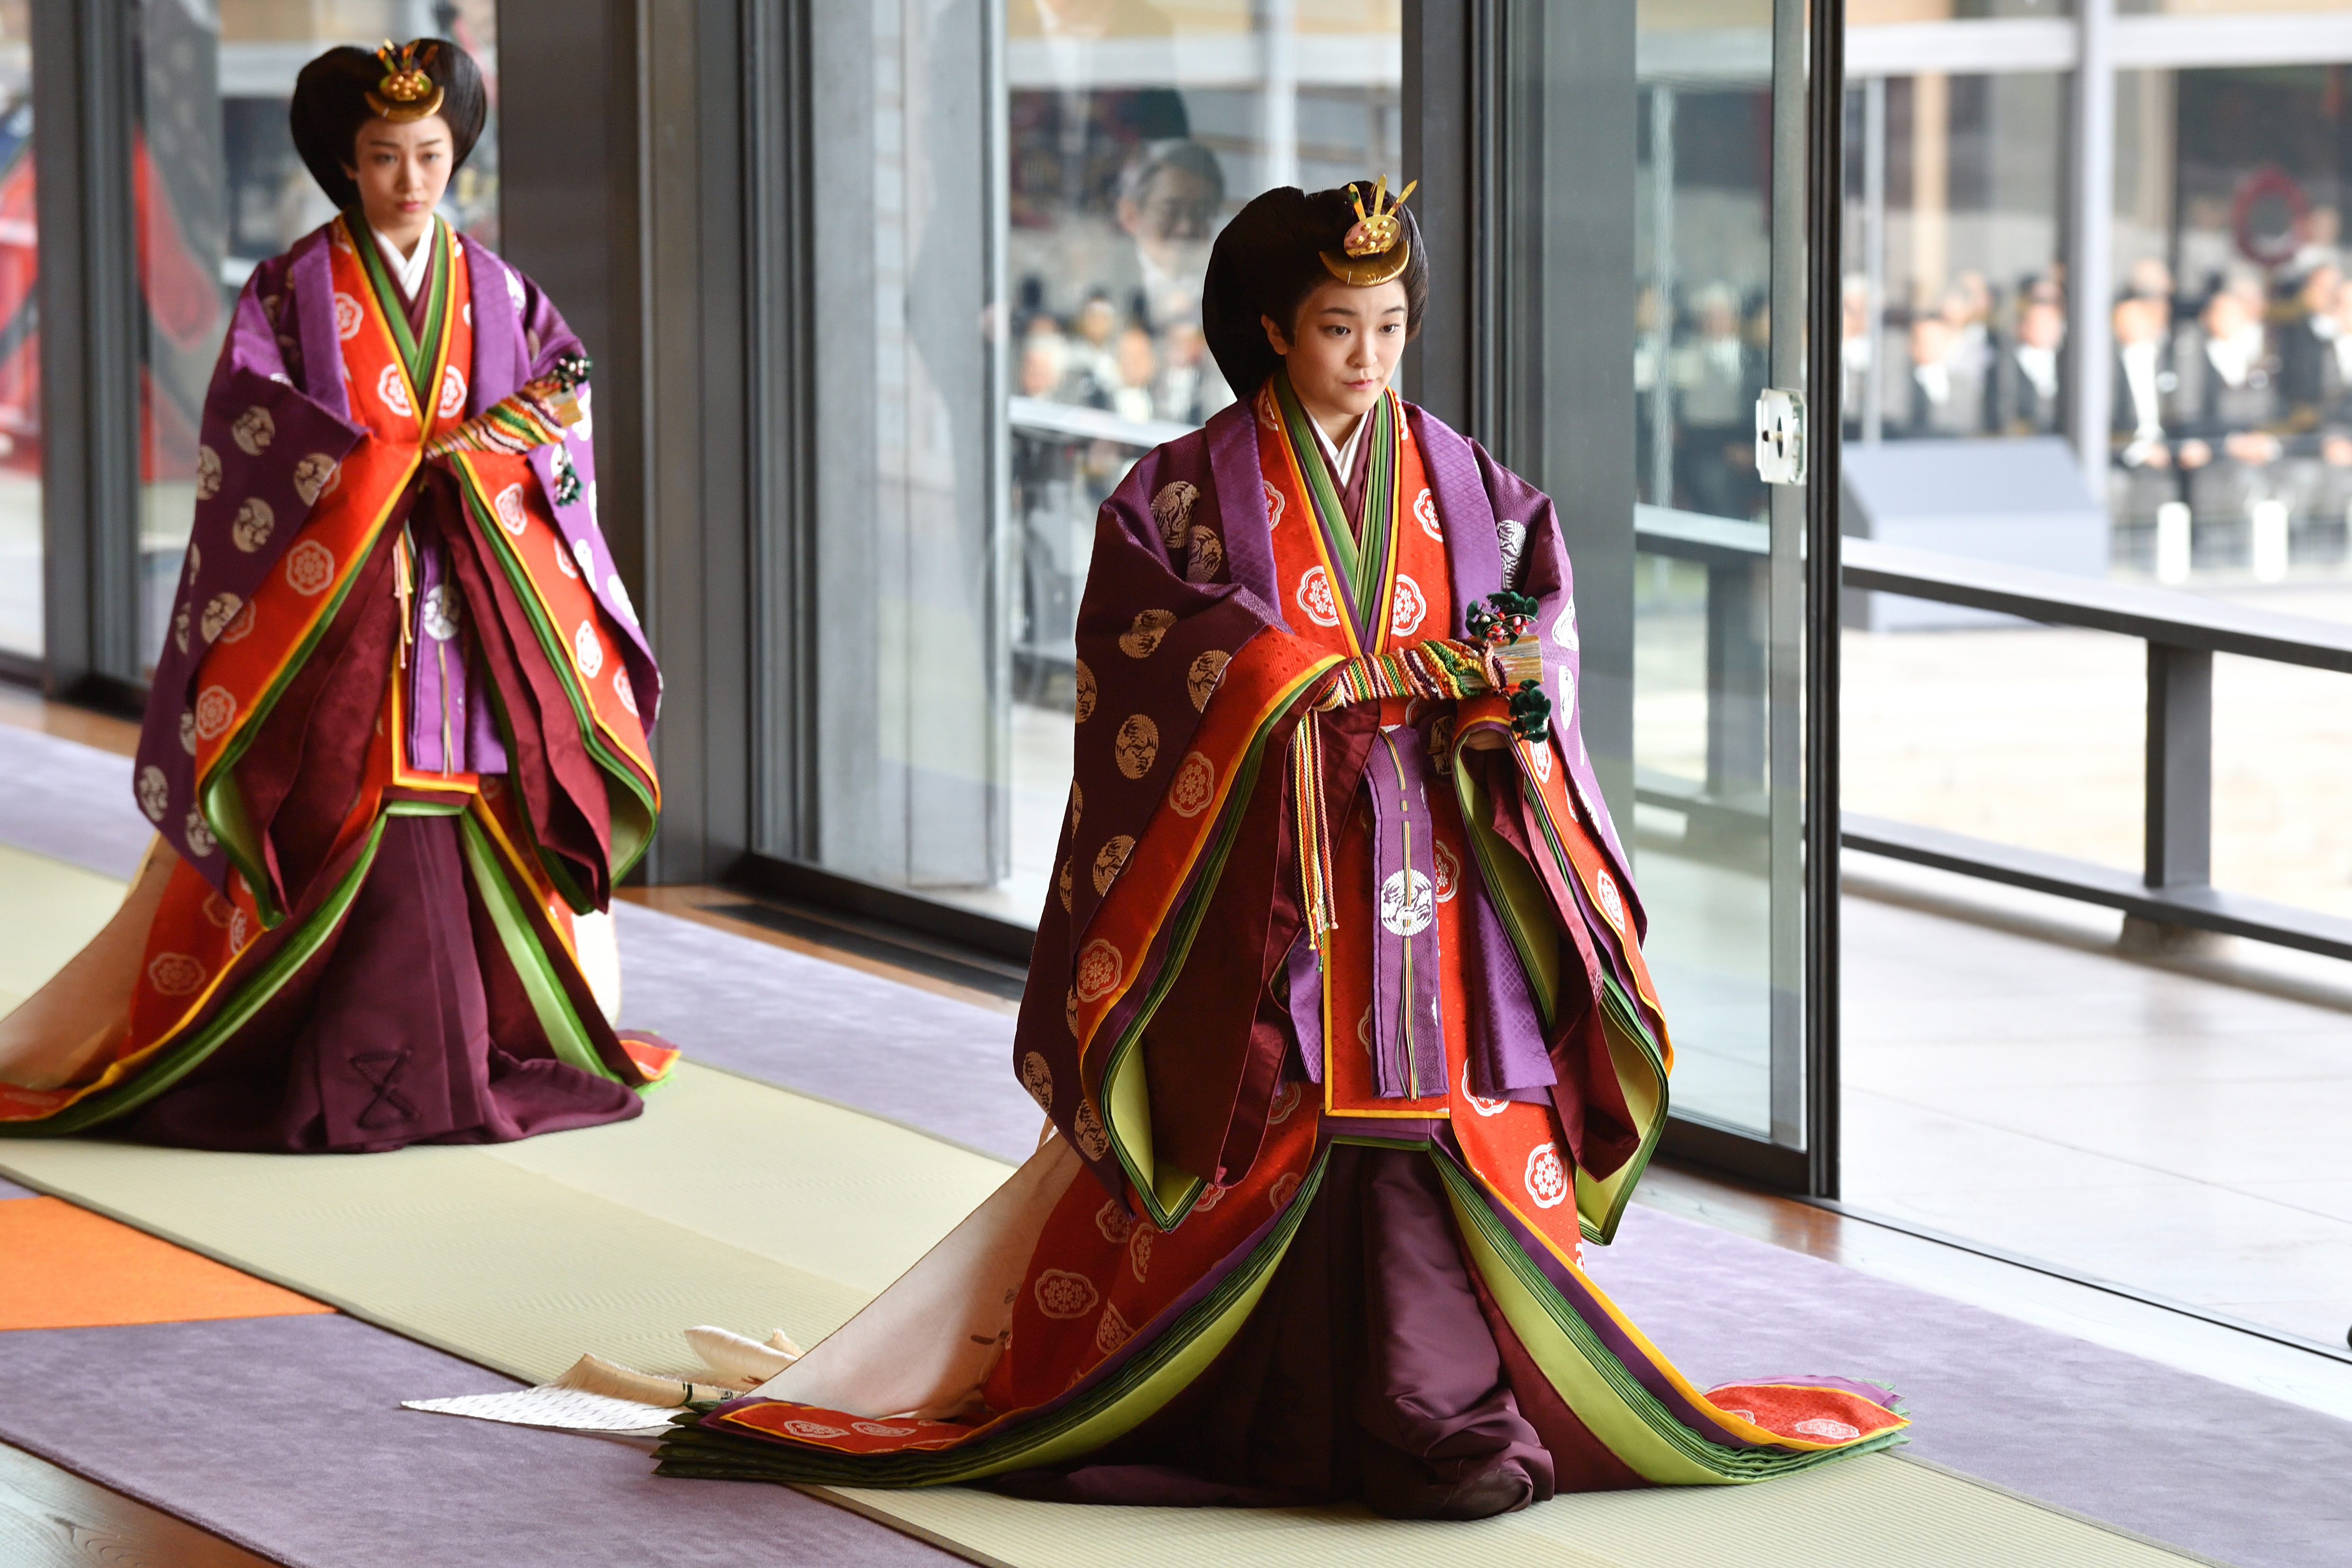 La Princesa Mako de Japón (derecha) asiste a la ceremonia de entronización donde el Emperador Naruhito proclamó oficialmente su ascensión al Trono del Crisantemo en el Palacio Imperial de Tokio (AFP)